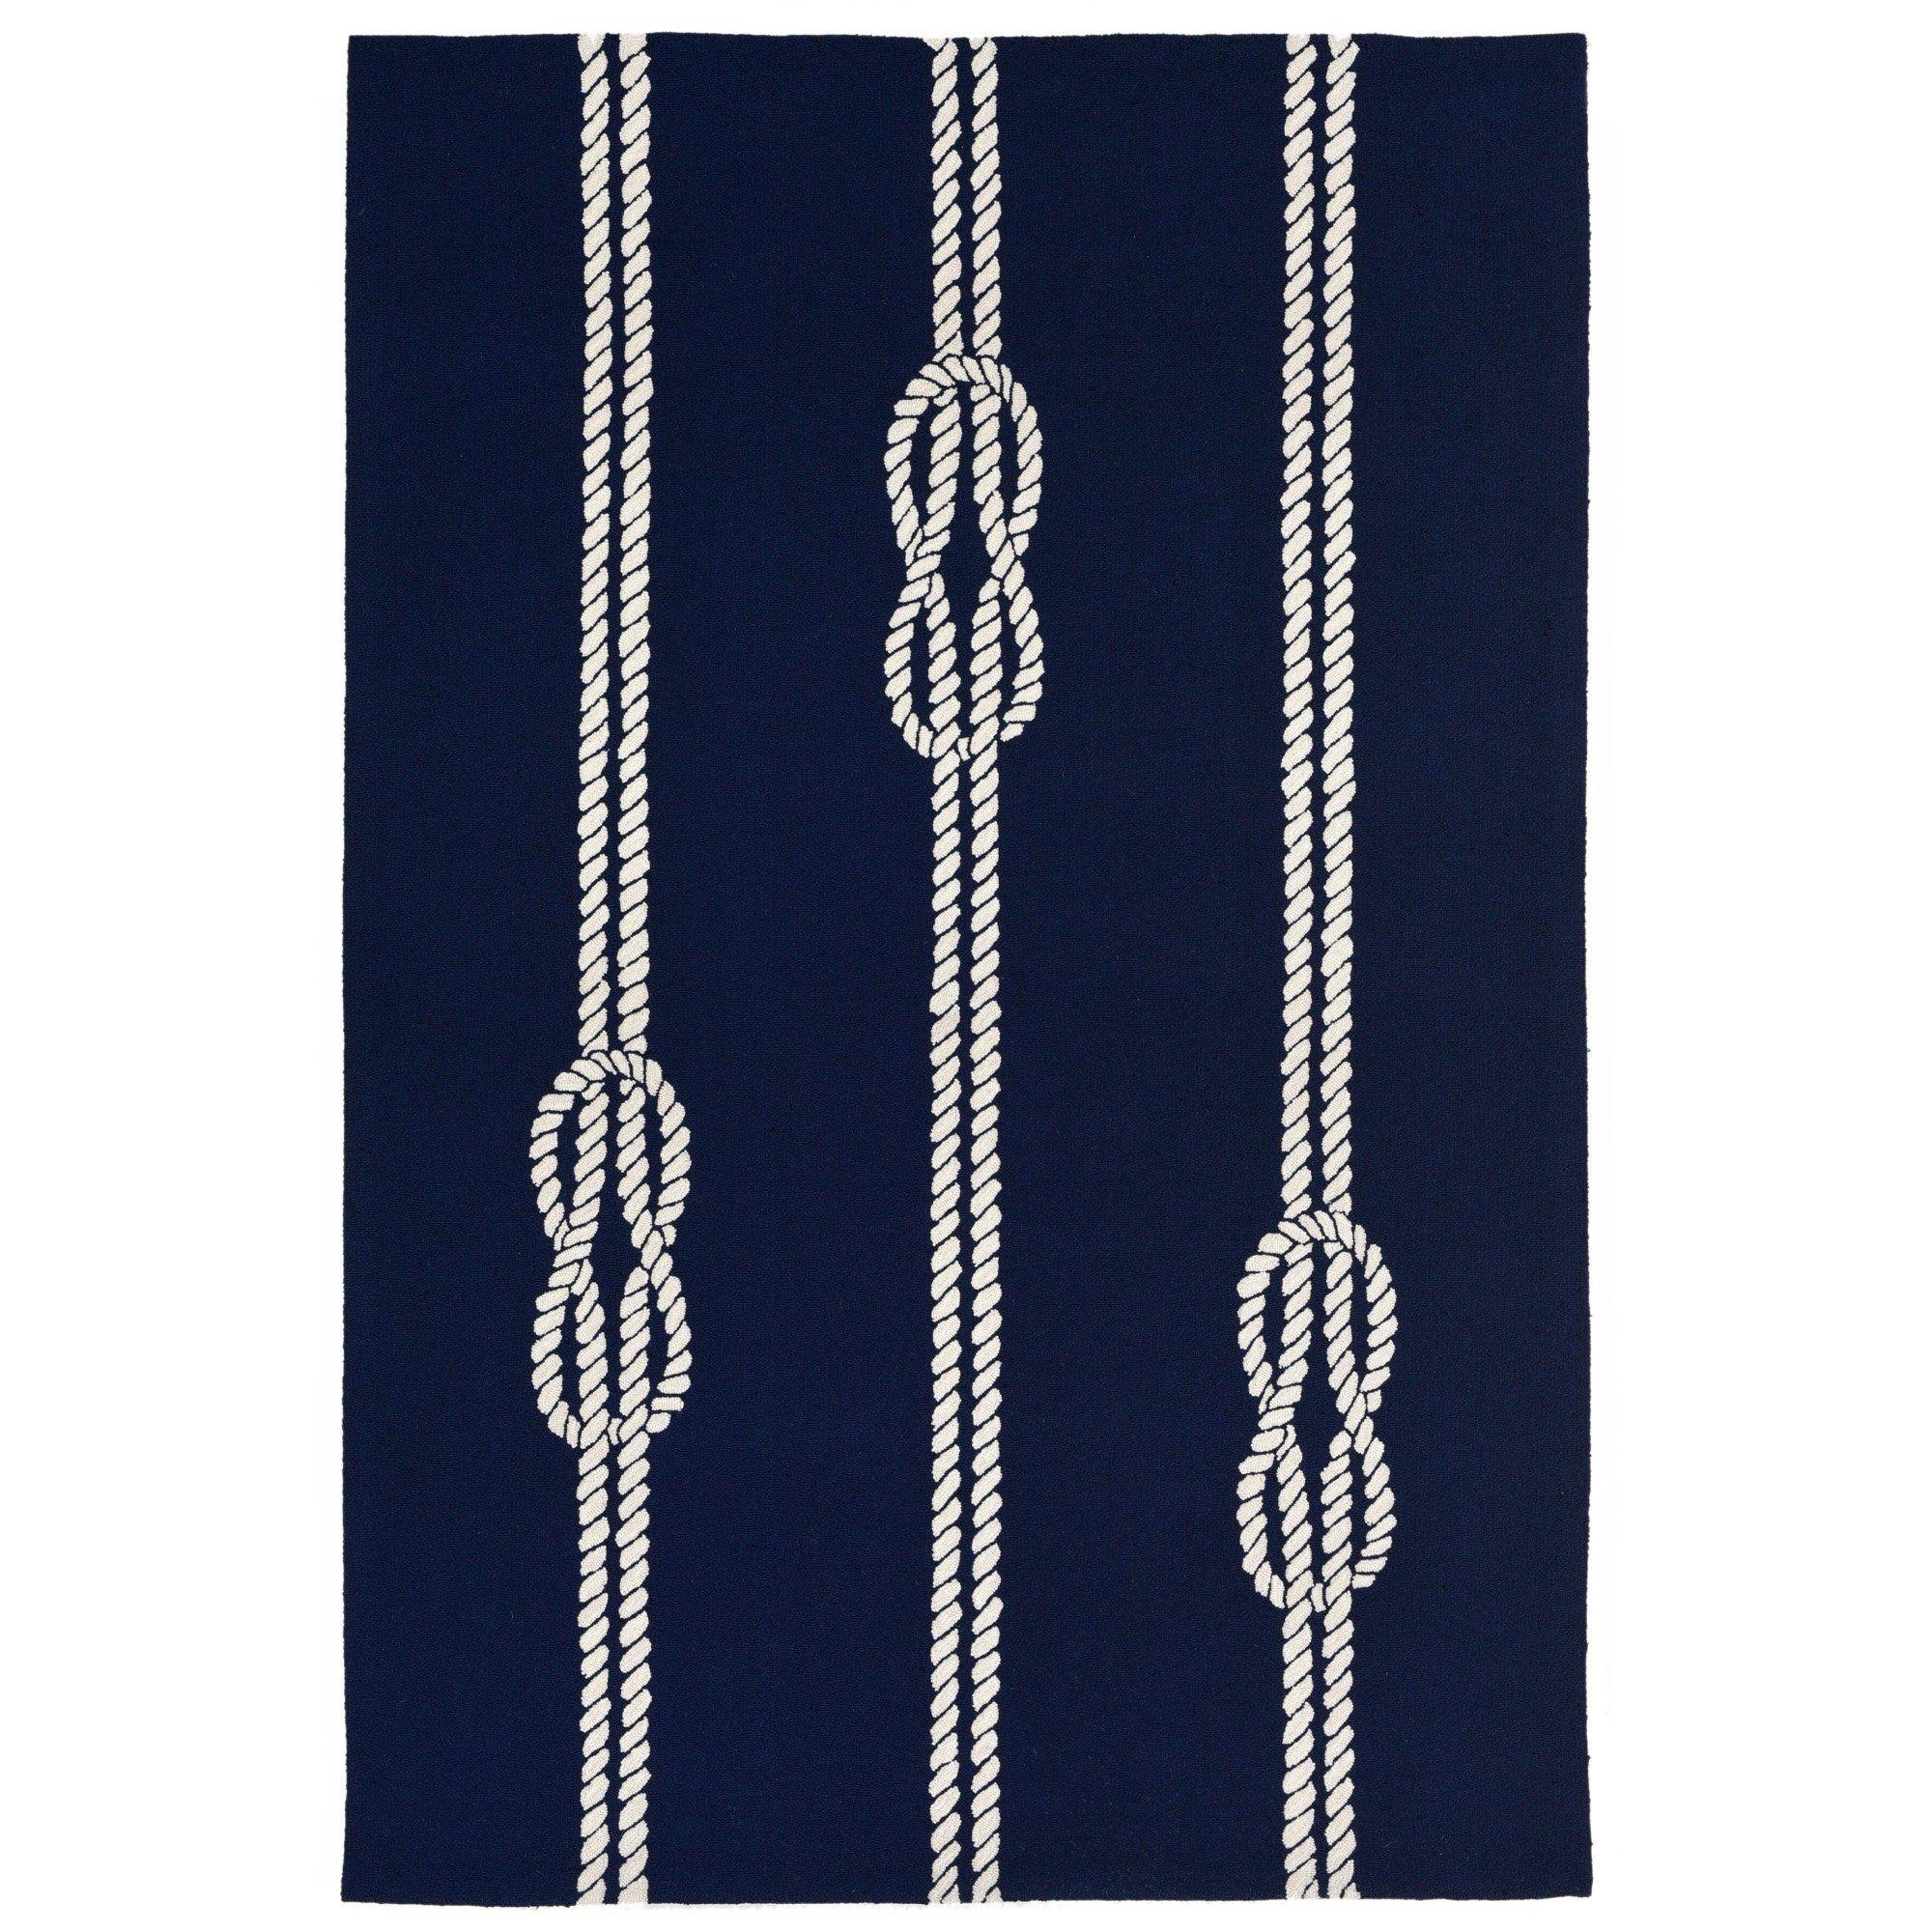 Nautical Twine Outdoor Rug 7 6 X 9 6 7 6 X 9 6 Rope Rug Outdoor Rugs Indoor Outdoor Area Rugs